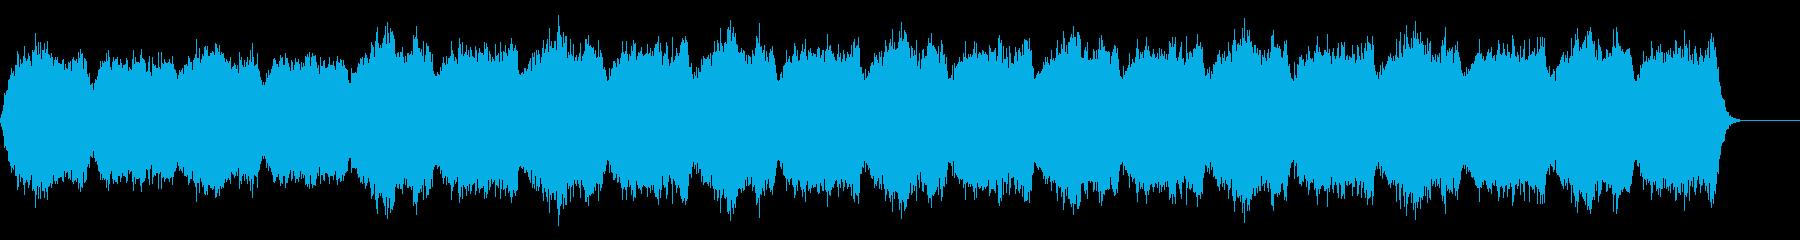 アンビエント、ヒーリング、リラックスの再生済みの波形